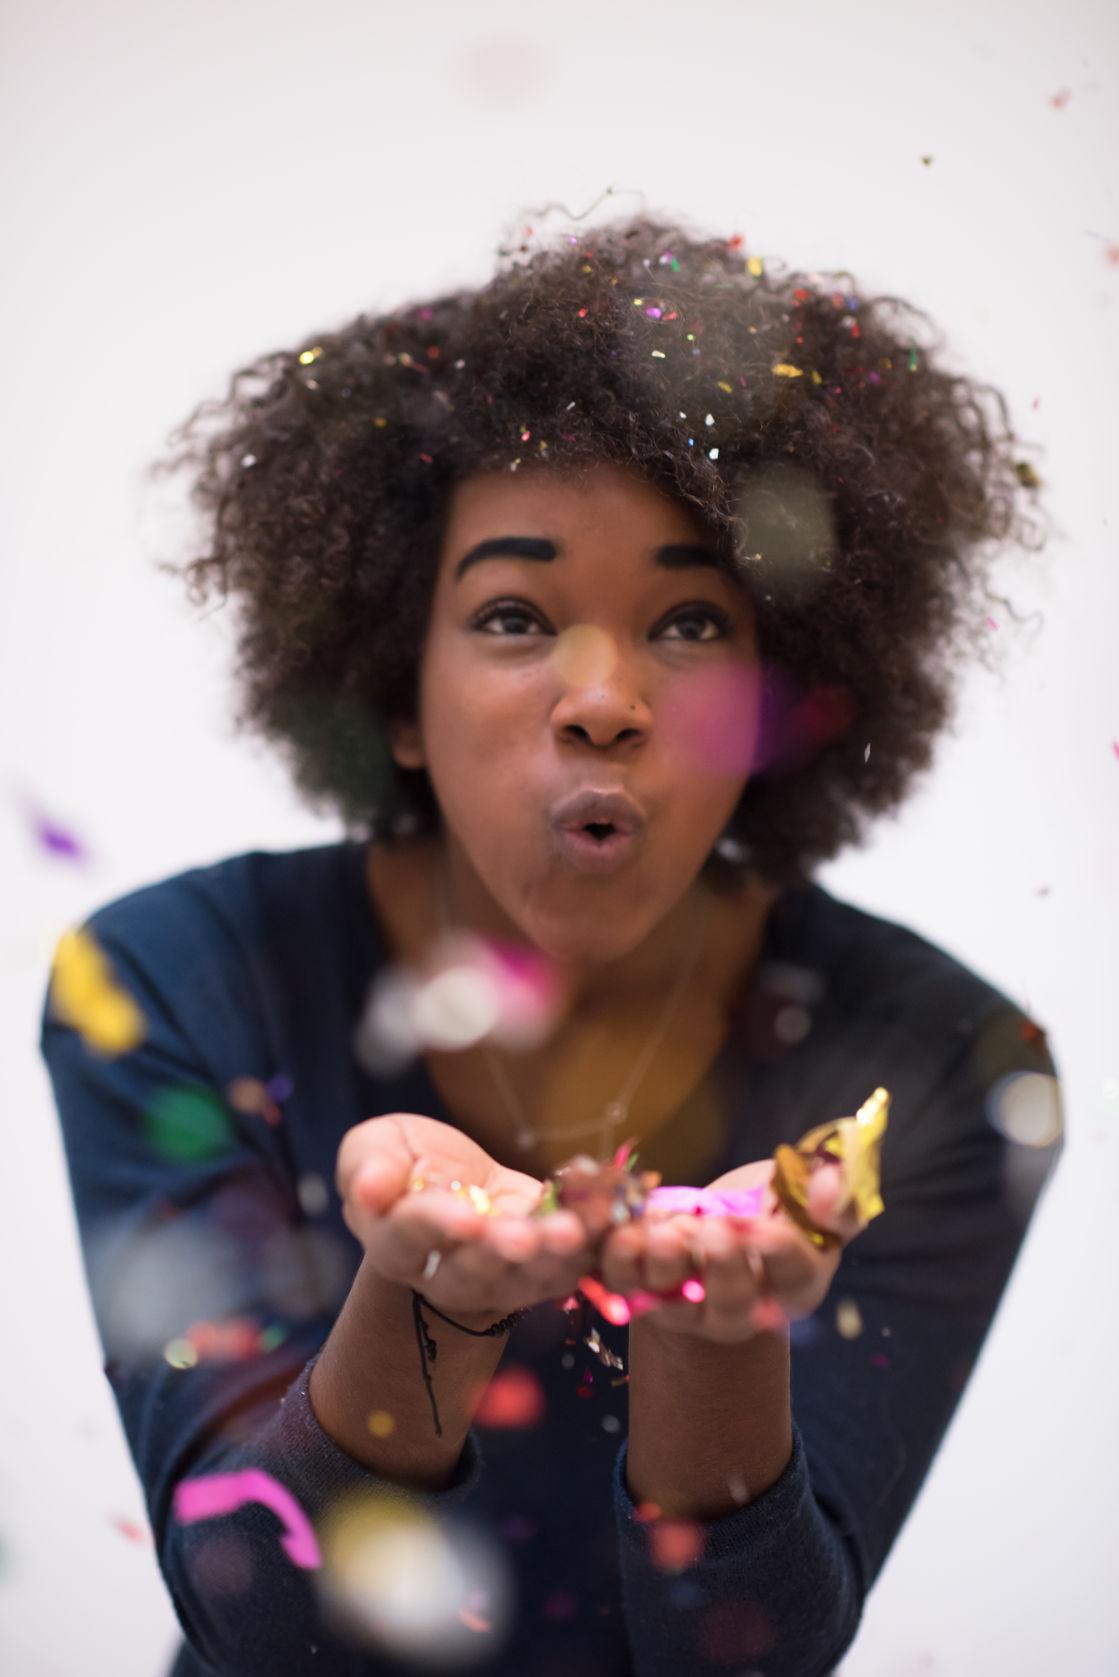 Cute girl celebrate confetti.jpg